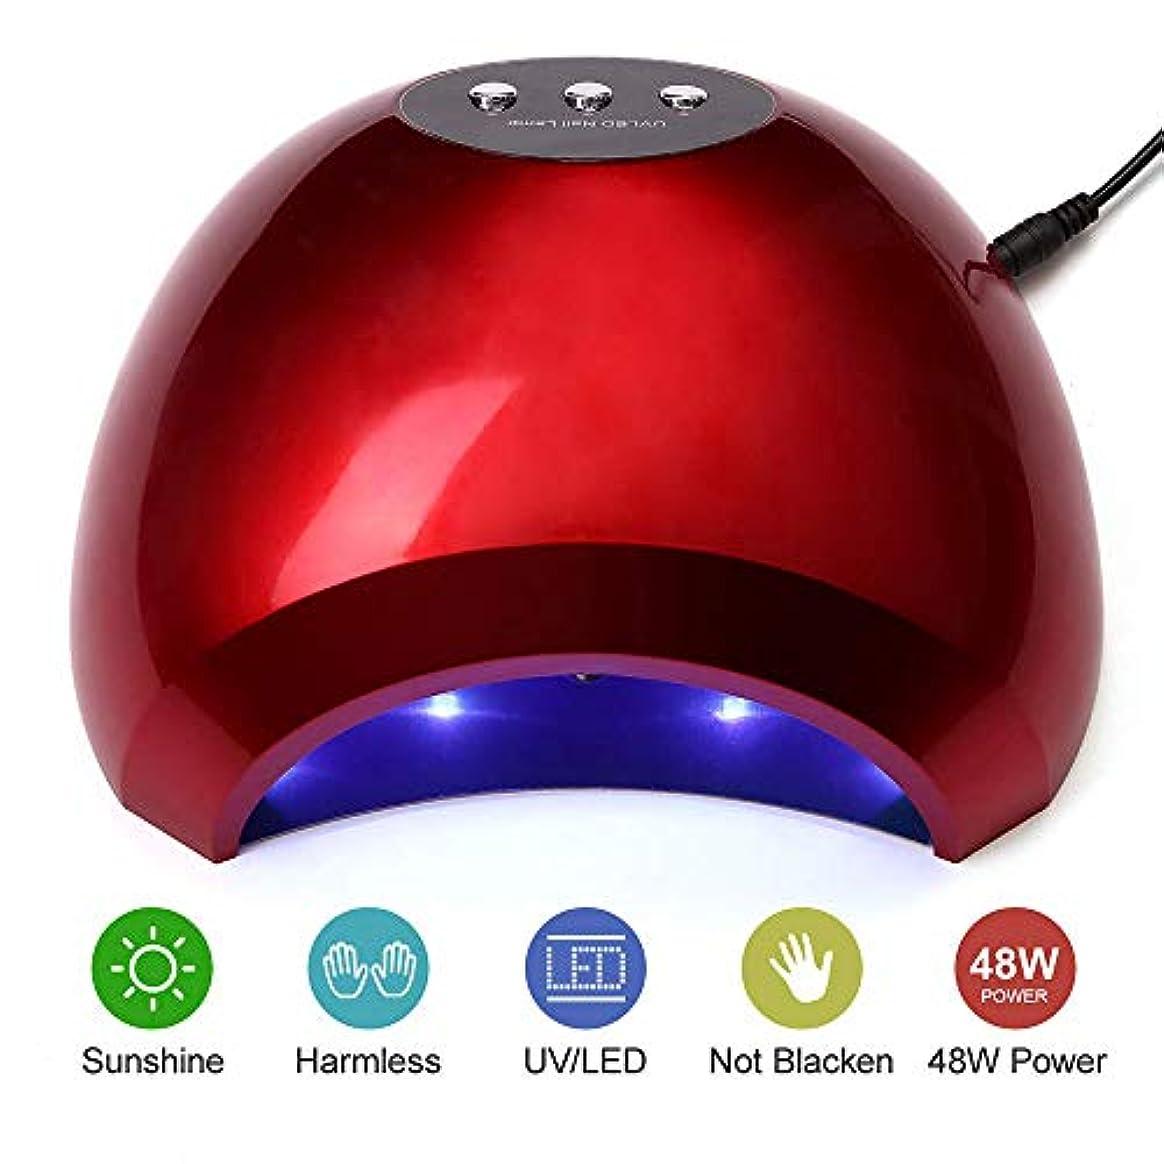 染料塩辛い抑圧ネイルドライヤーランプ48W UV LEDネイルキュアランプライトソークオフネイルジェルランプマニキュアペディキュアドライヤー付きセンサー高速